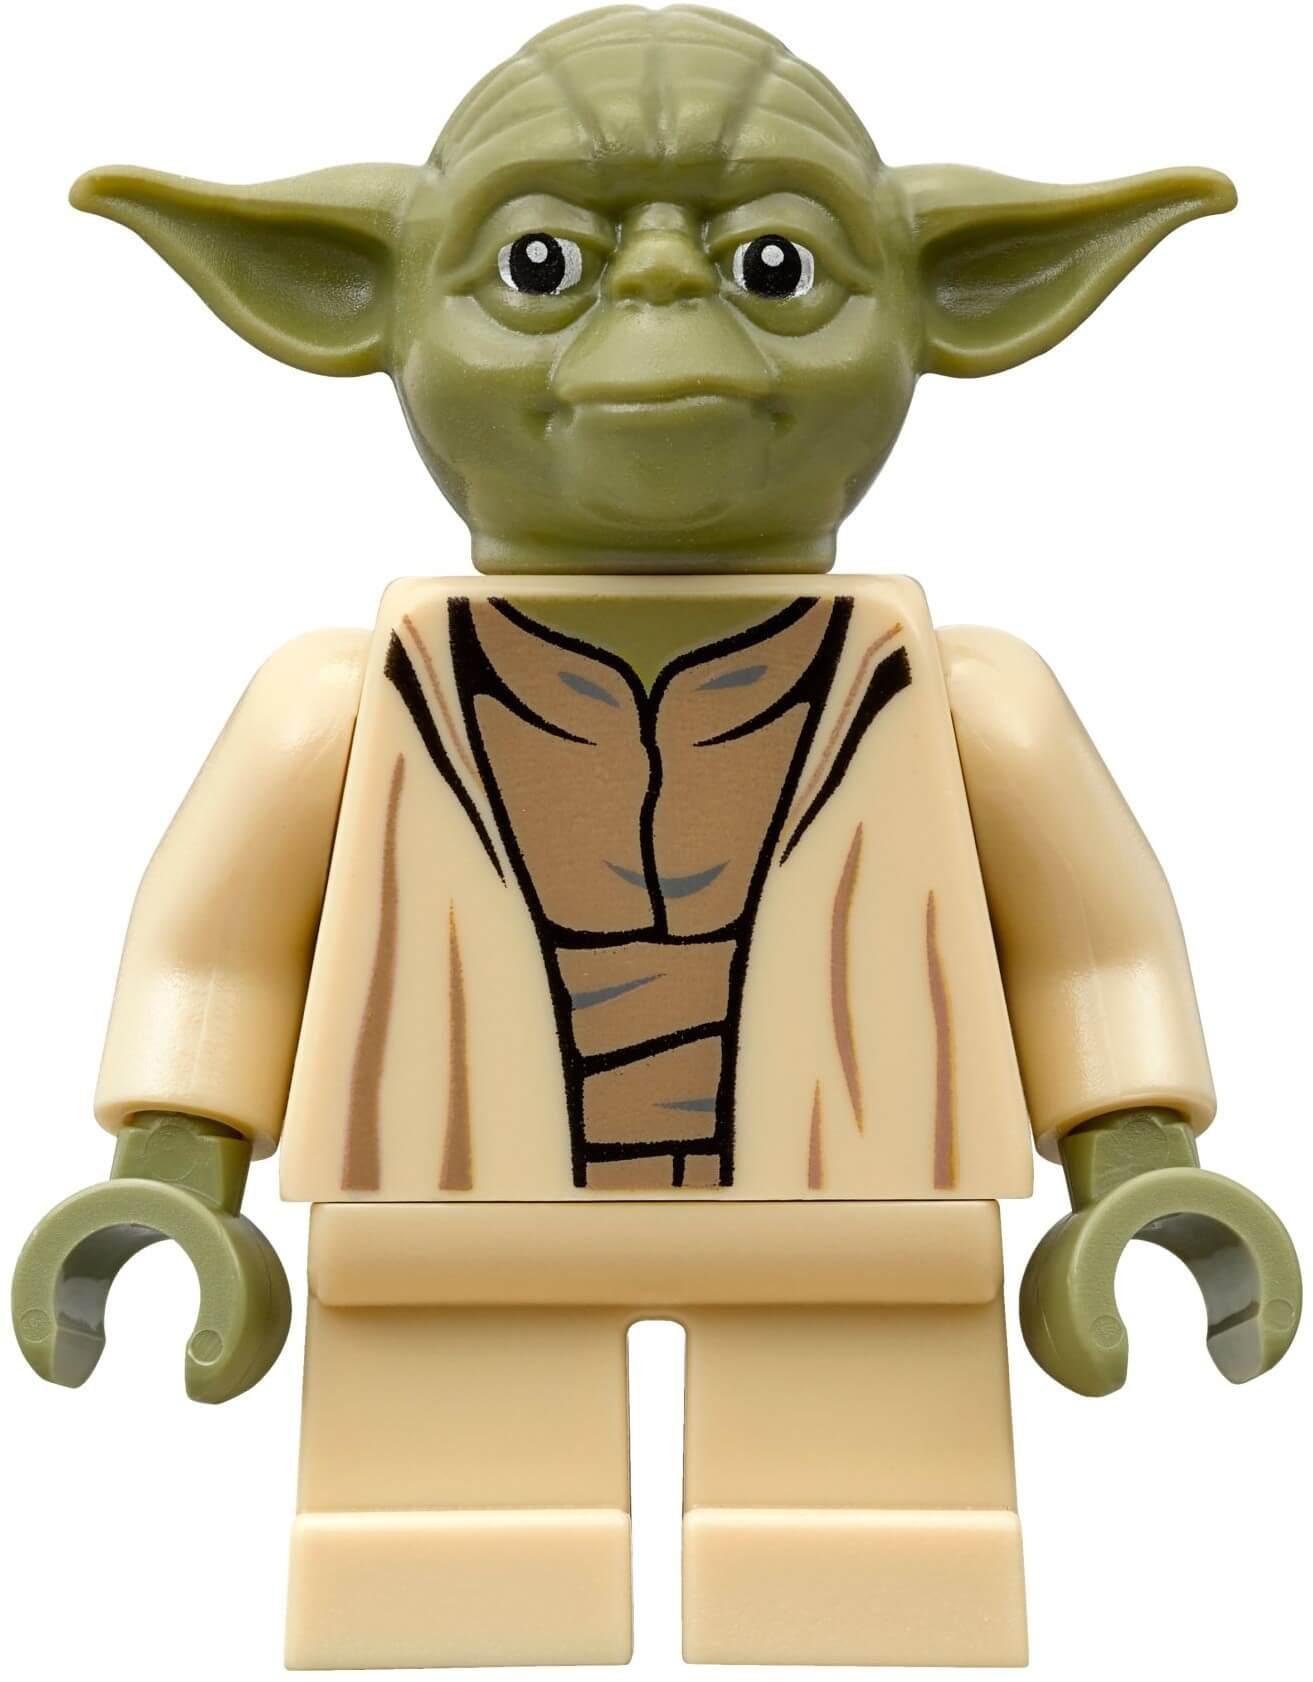 Mua đồ chơi LEGO 75168 - LEGO Star Wars 75168 - Phi Thuyền của Yoda (LEGO 75168 Yoda's Jedi Starfighter)